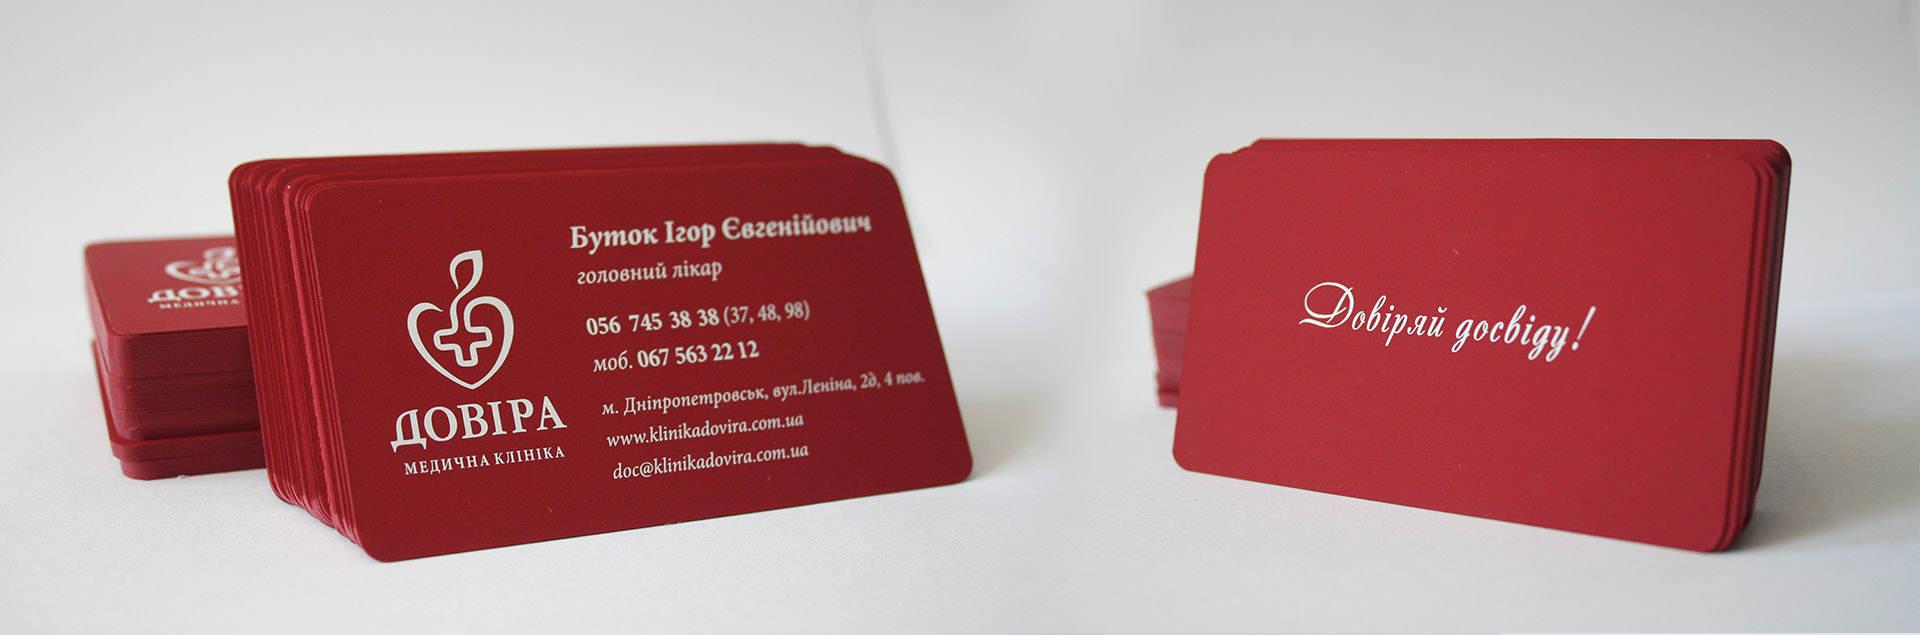 Дизайн визитки медицинской клиники, Medical clinic business cards design